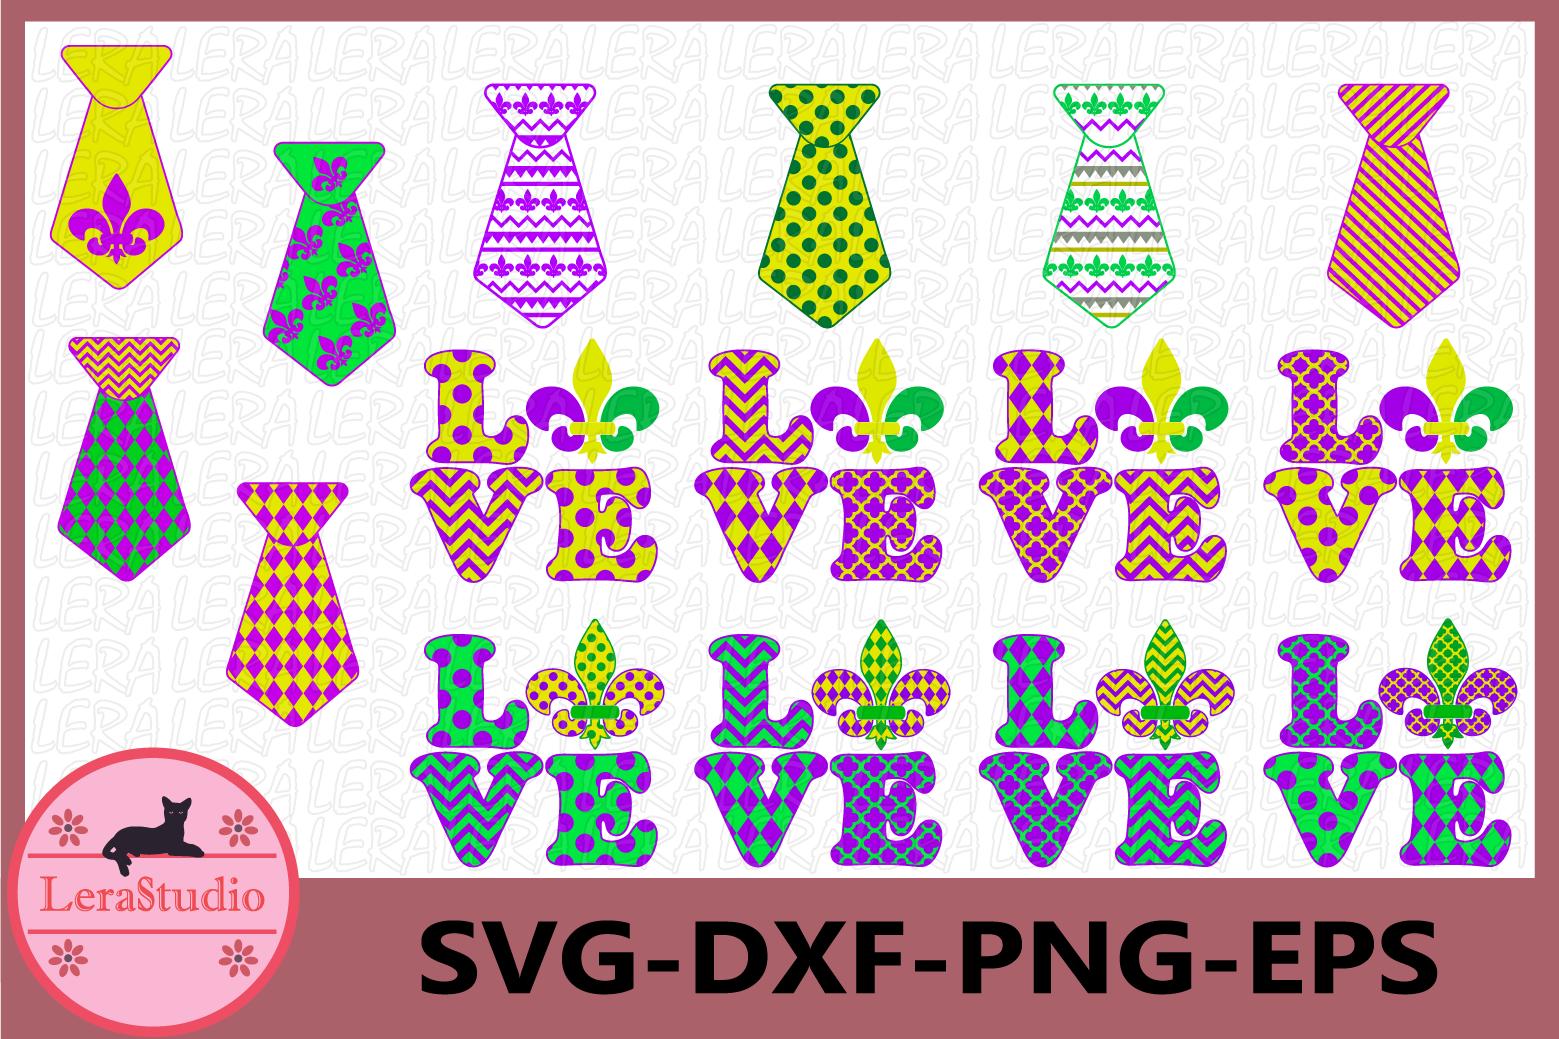 Mardi Gras Svg, Love Svg, Tie Svg, Fleur de Lis Svg example image 1